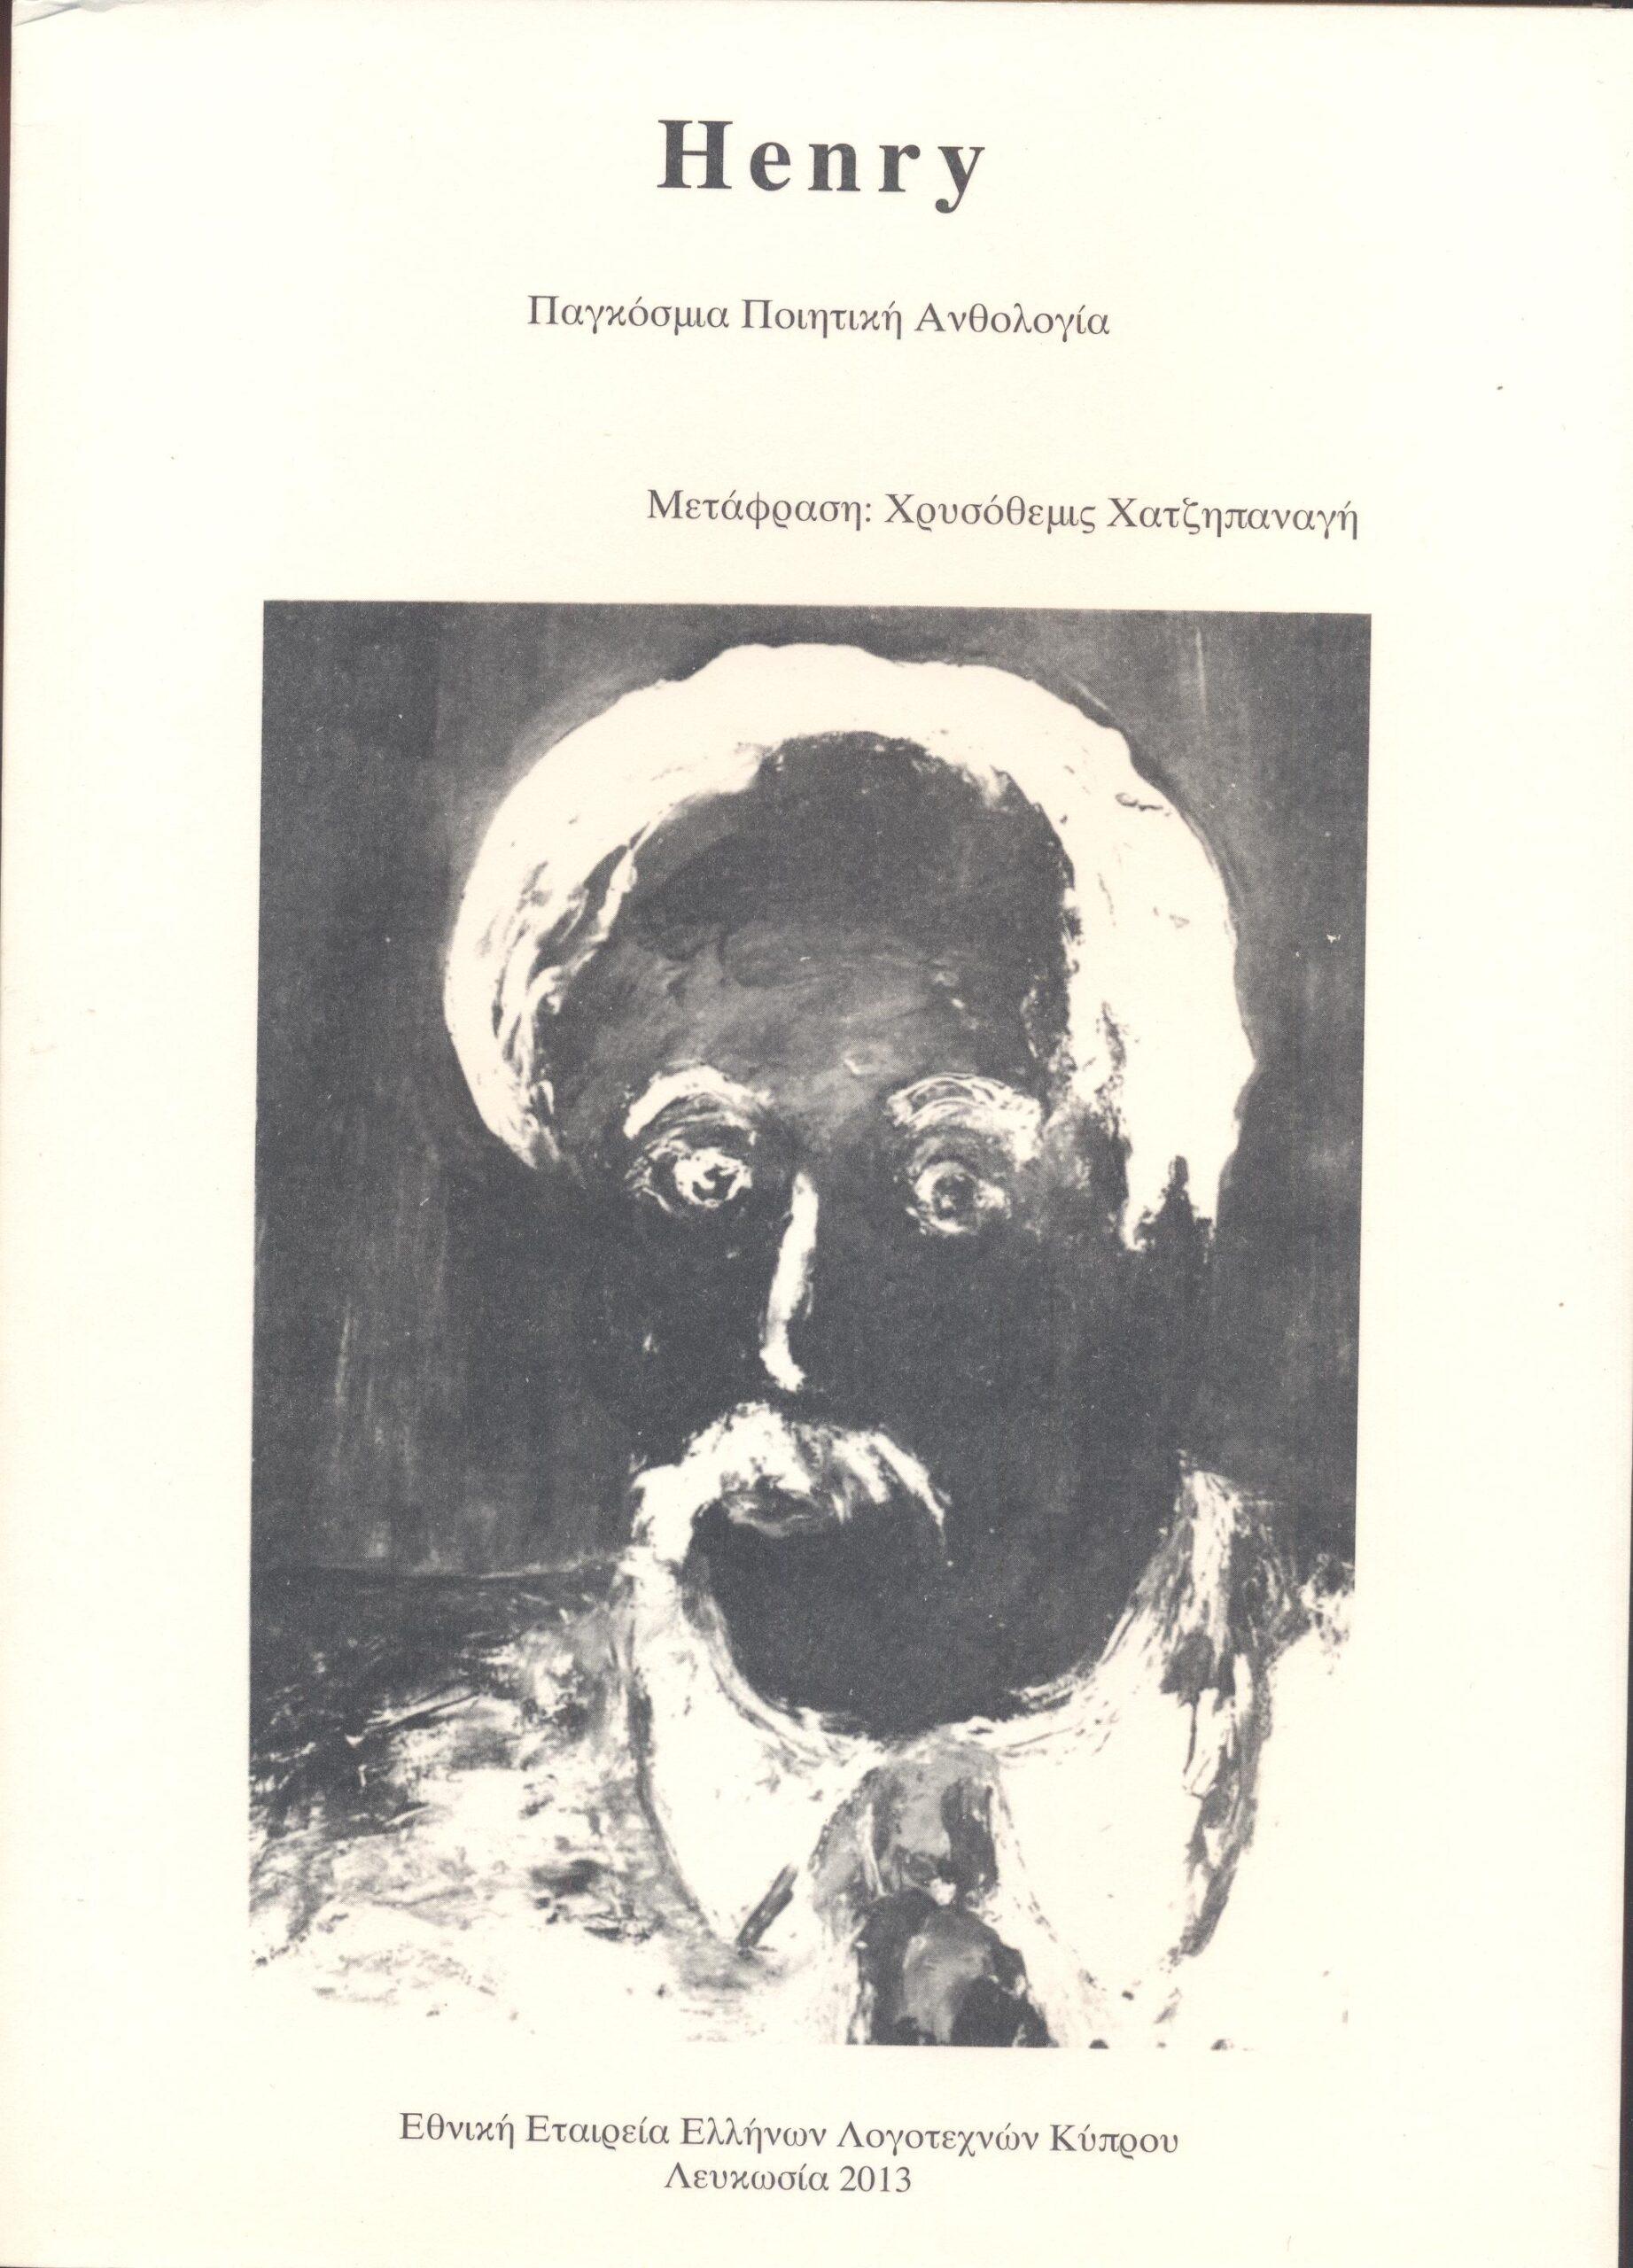 Henry Παγκόσμια Ποιητική Ανθολογία